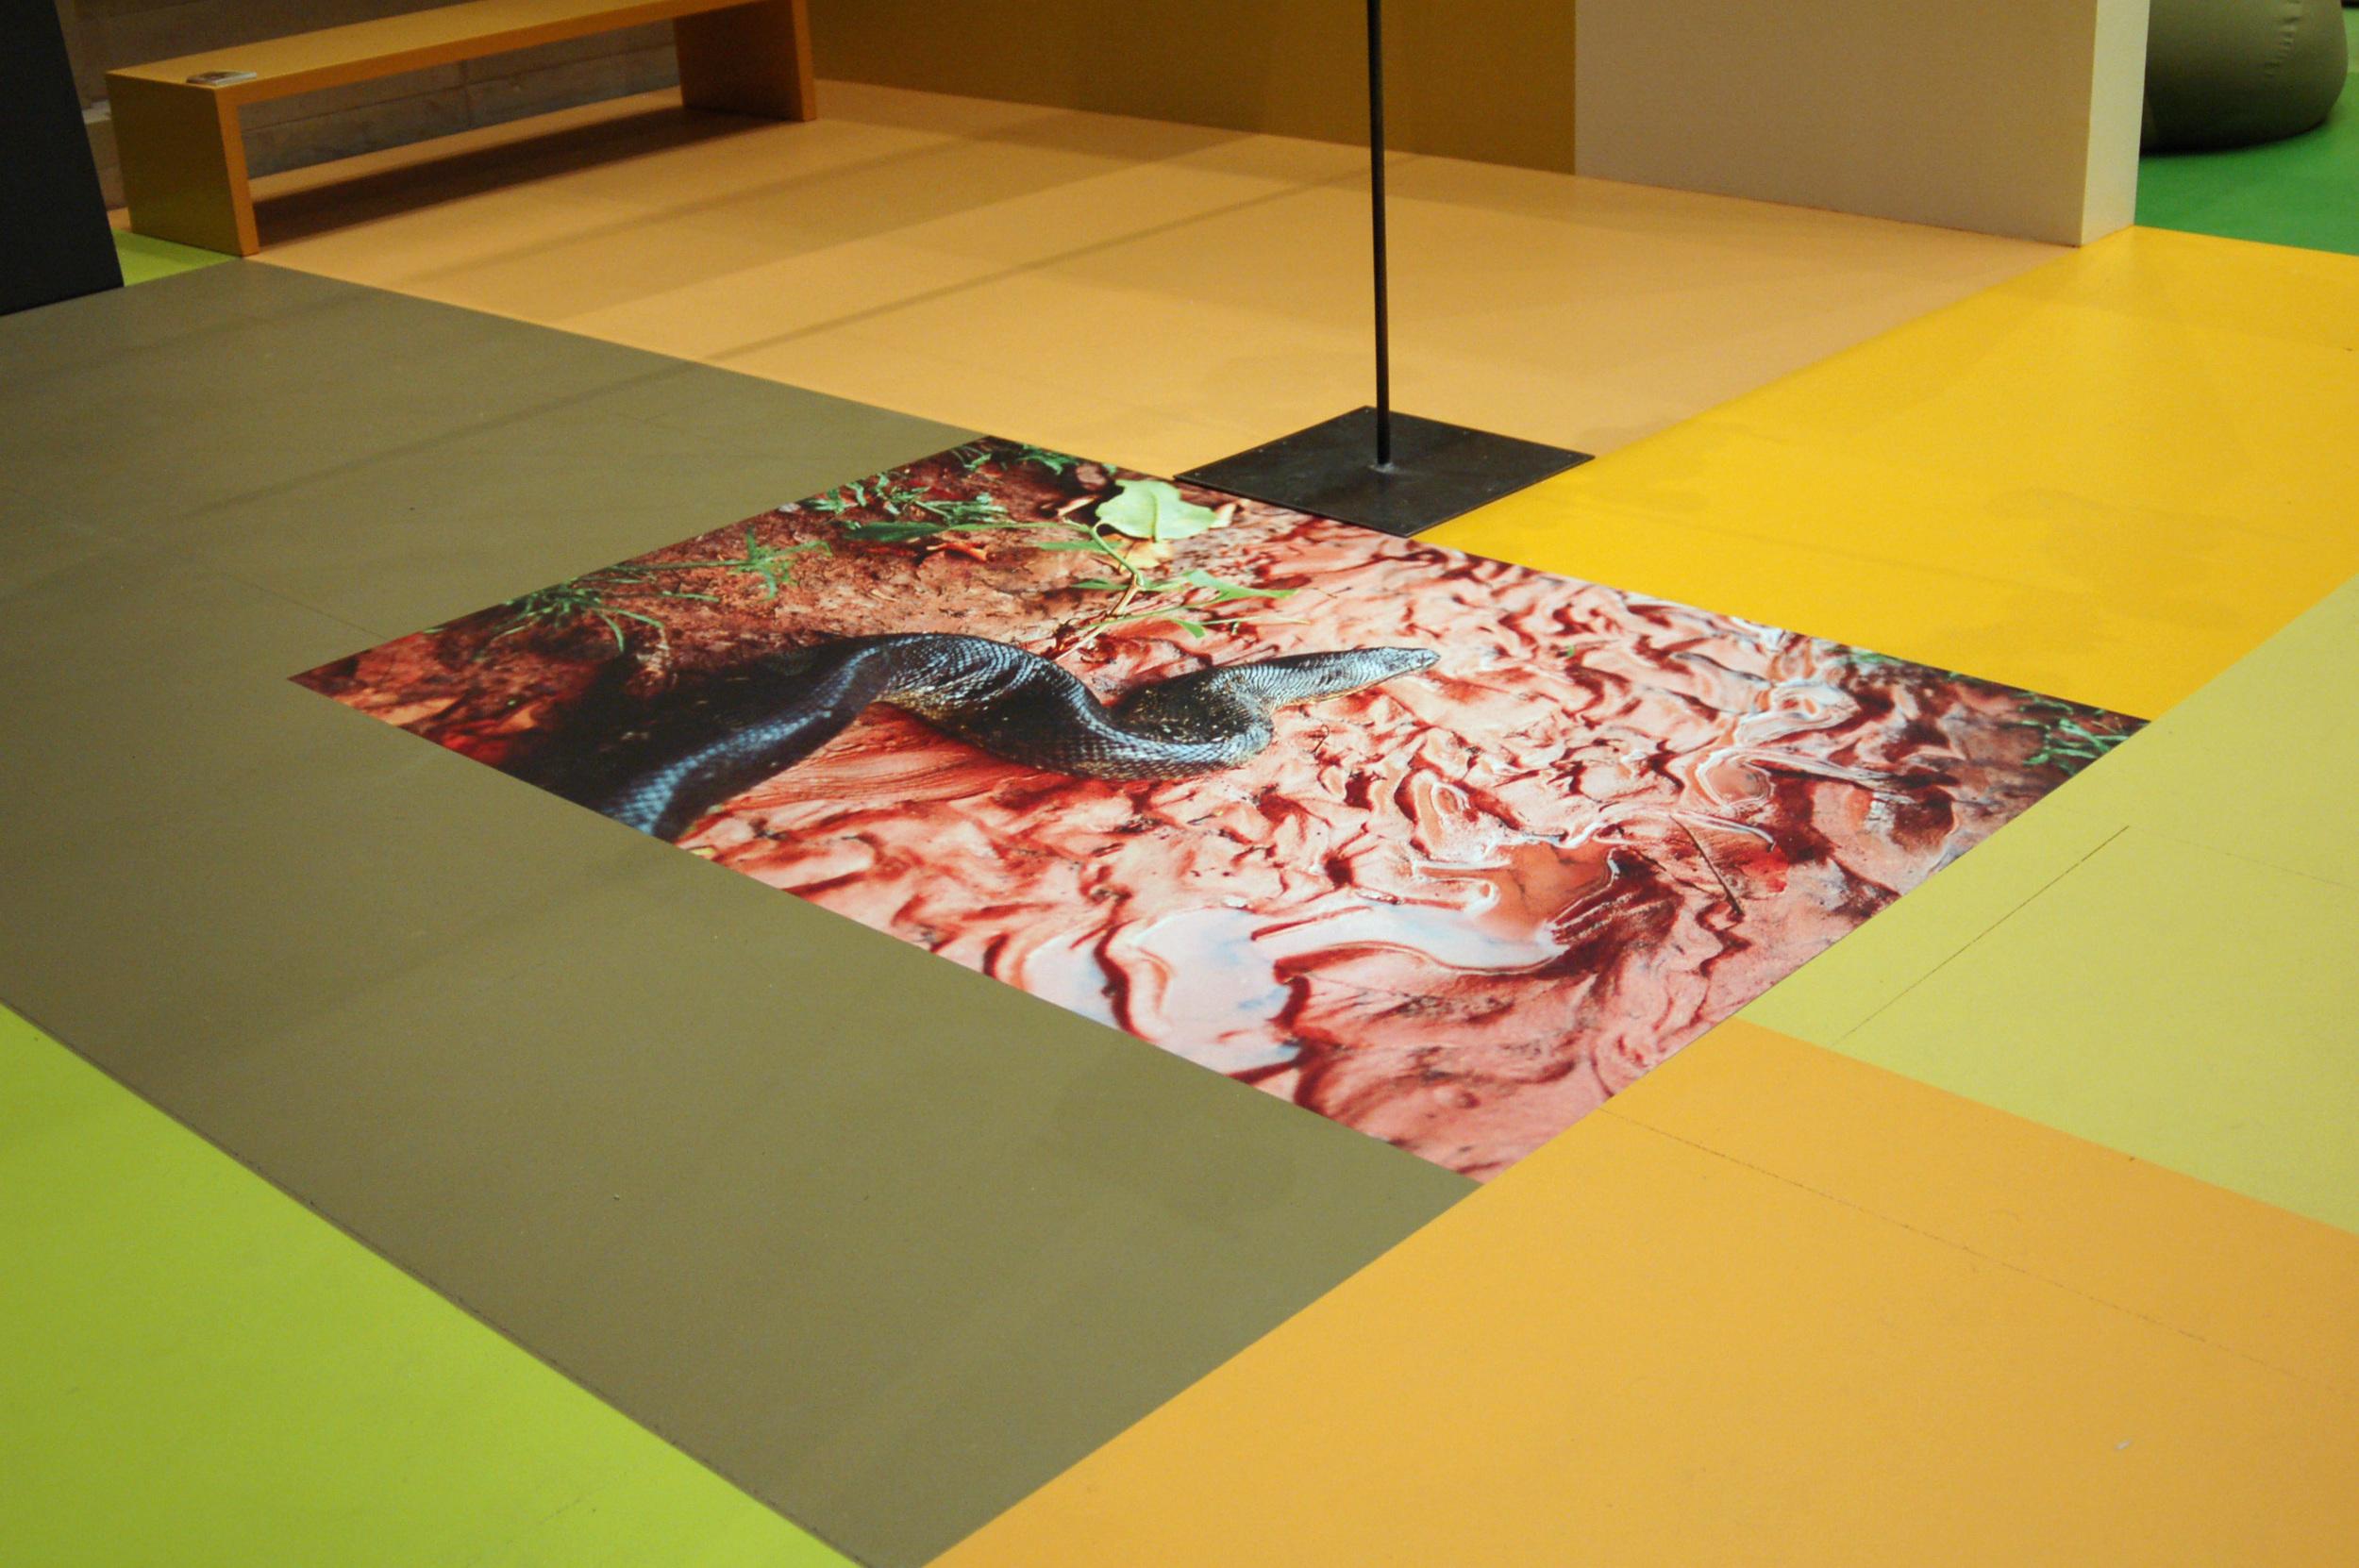 snake floor Munster.jpg